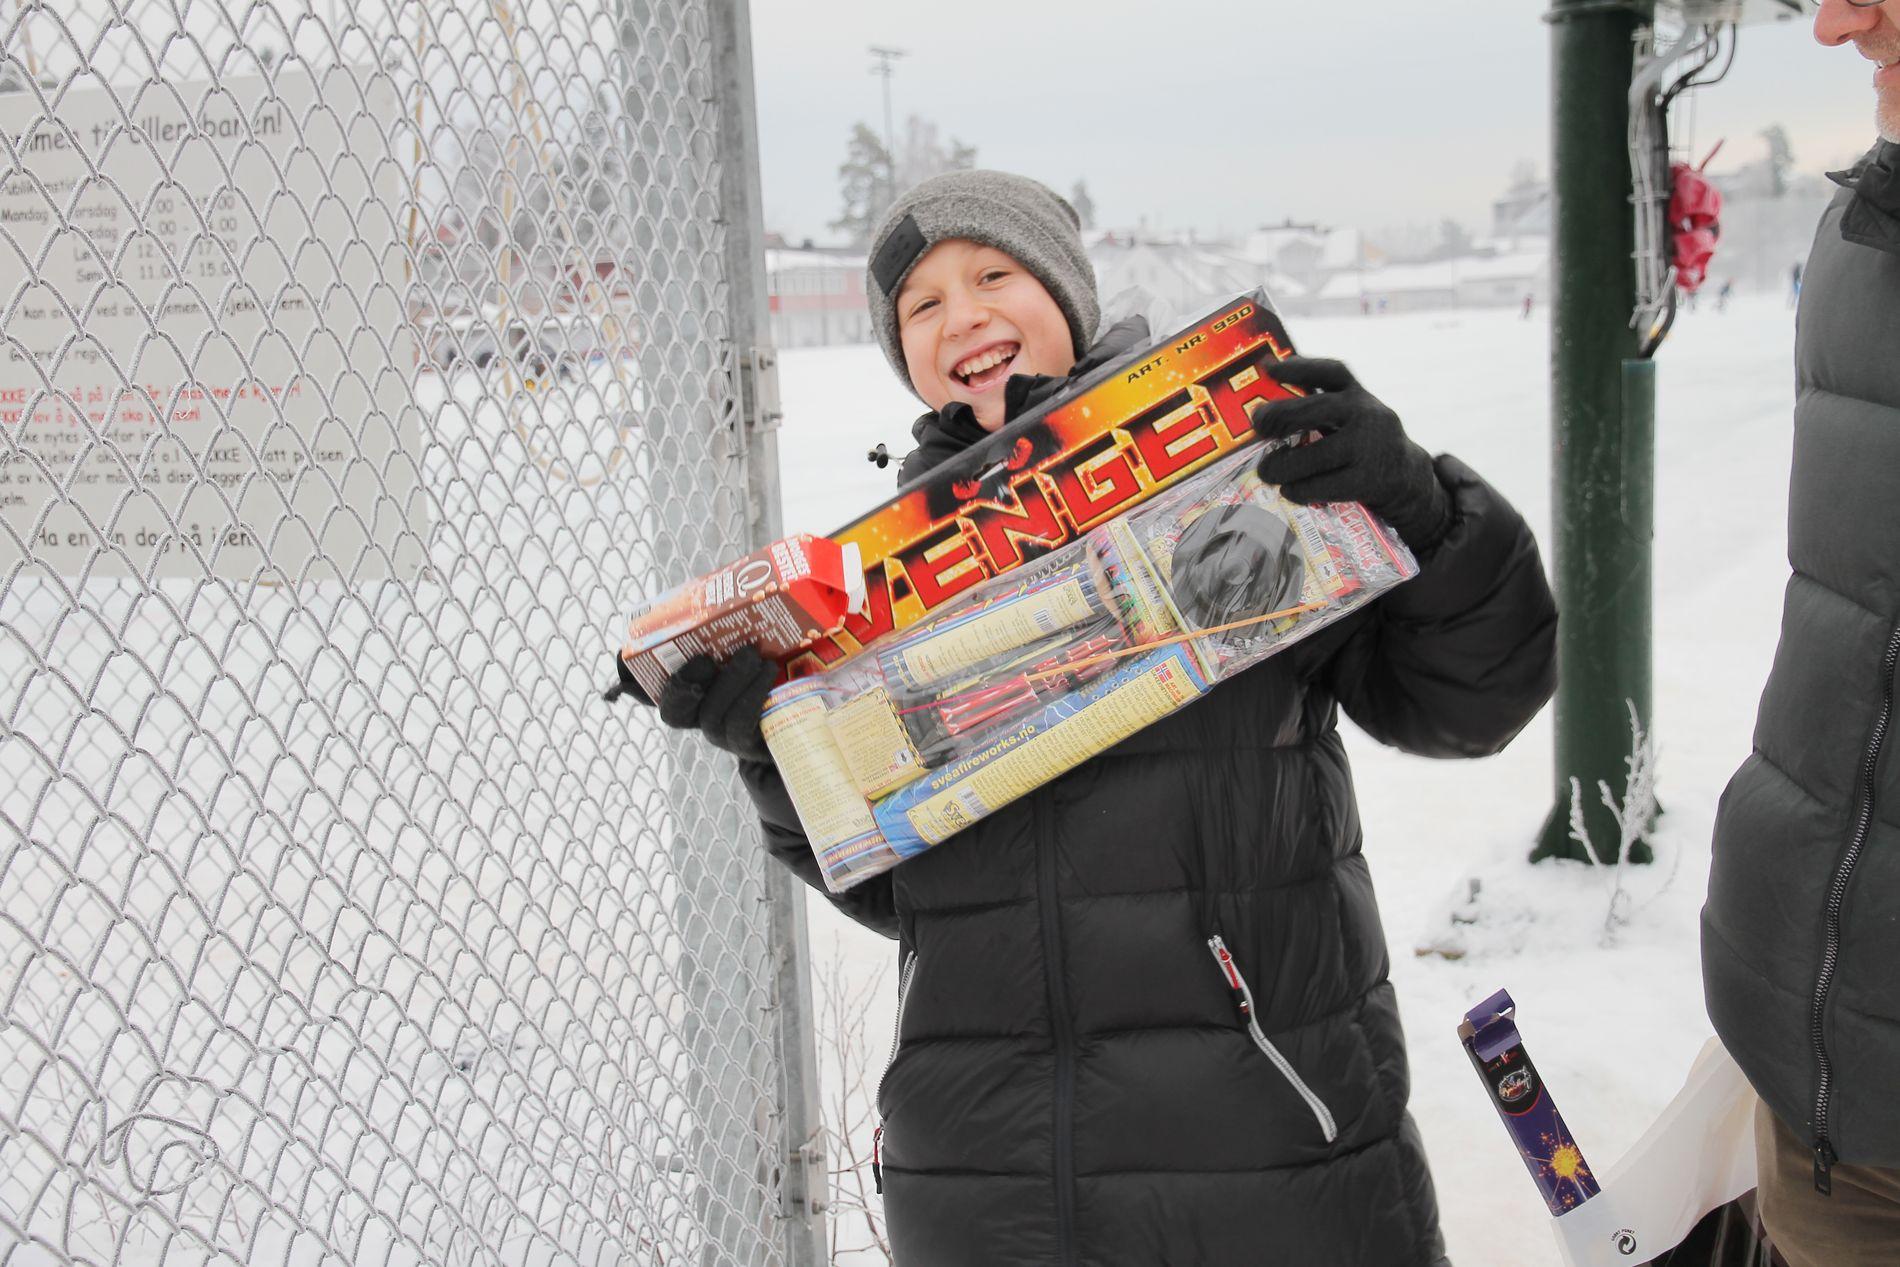 GIRA FØR MANDAG: Benjamin Aasen (12) gleder seg til å fyre opp fyrverkeriet de har kjøpt.